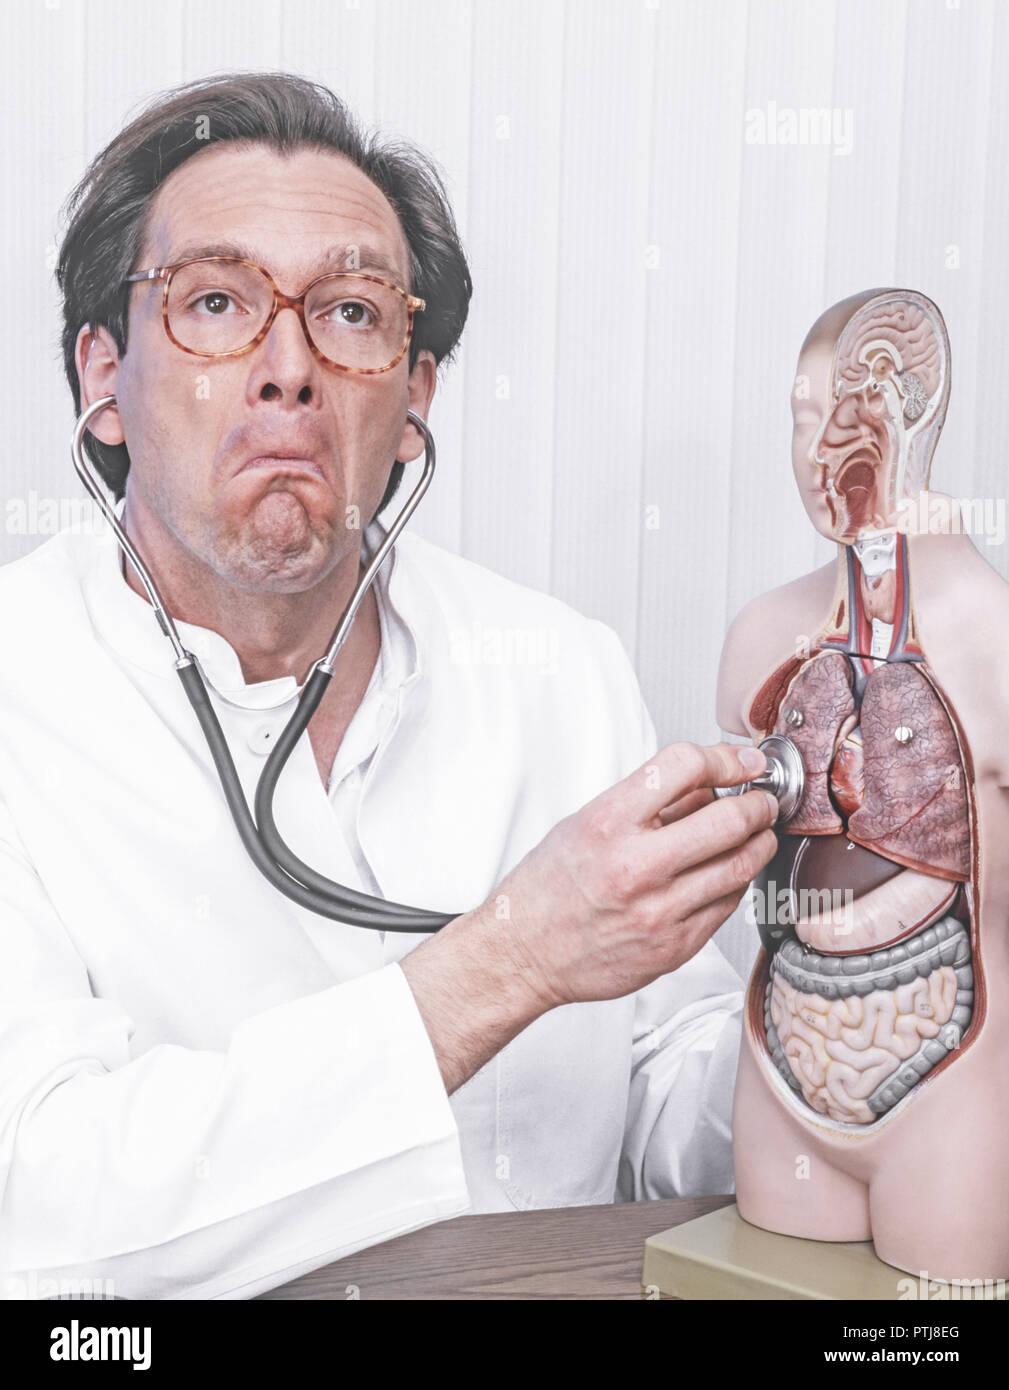 Arzt hoert mit dem Stethoskop an einem Modell Mimik (Modellfreigabe) Stock Photo